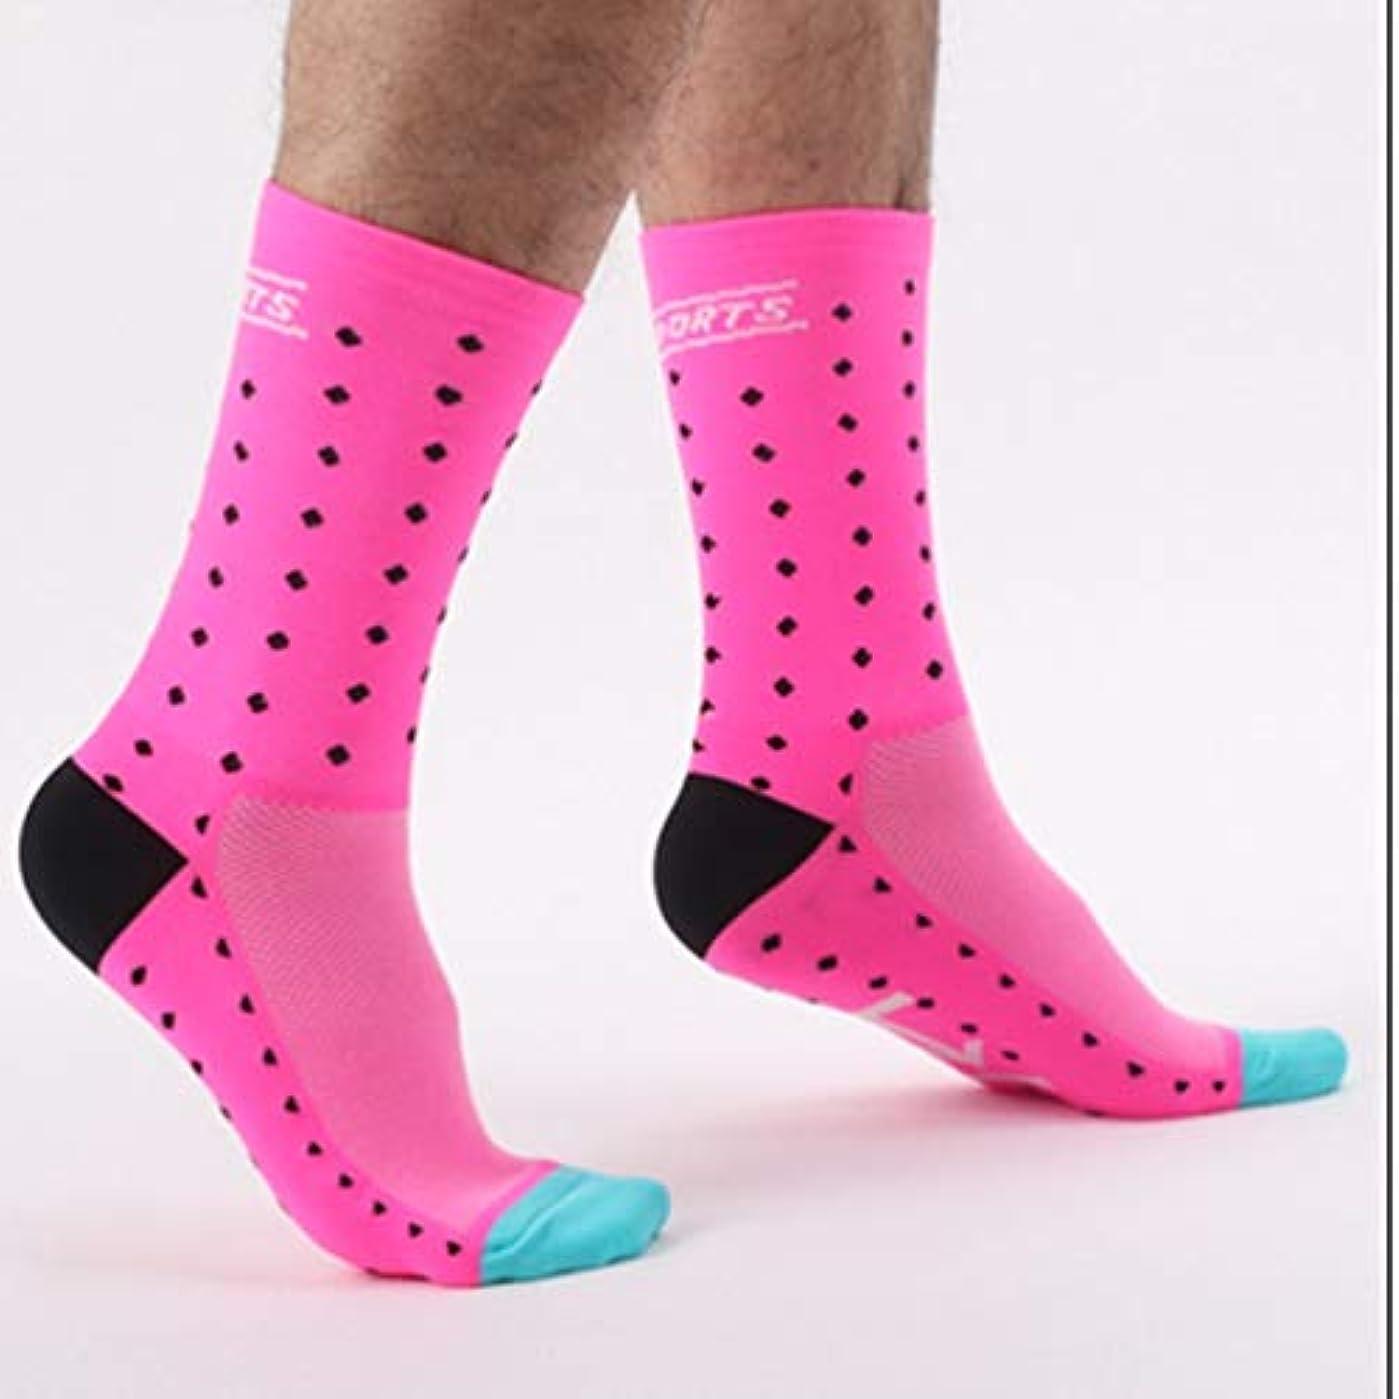 端末負荷どのくらいの頻度でDH04快適なファッショナブルな屋外サイクリングソックス男性女性プロの通気性スポーツソックスバスケットボールソックス - ピンク